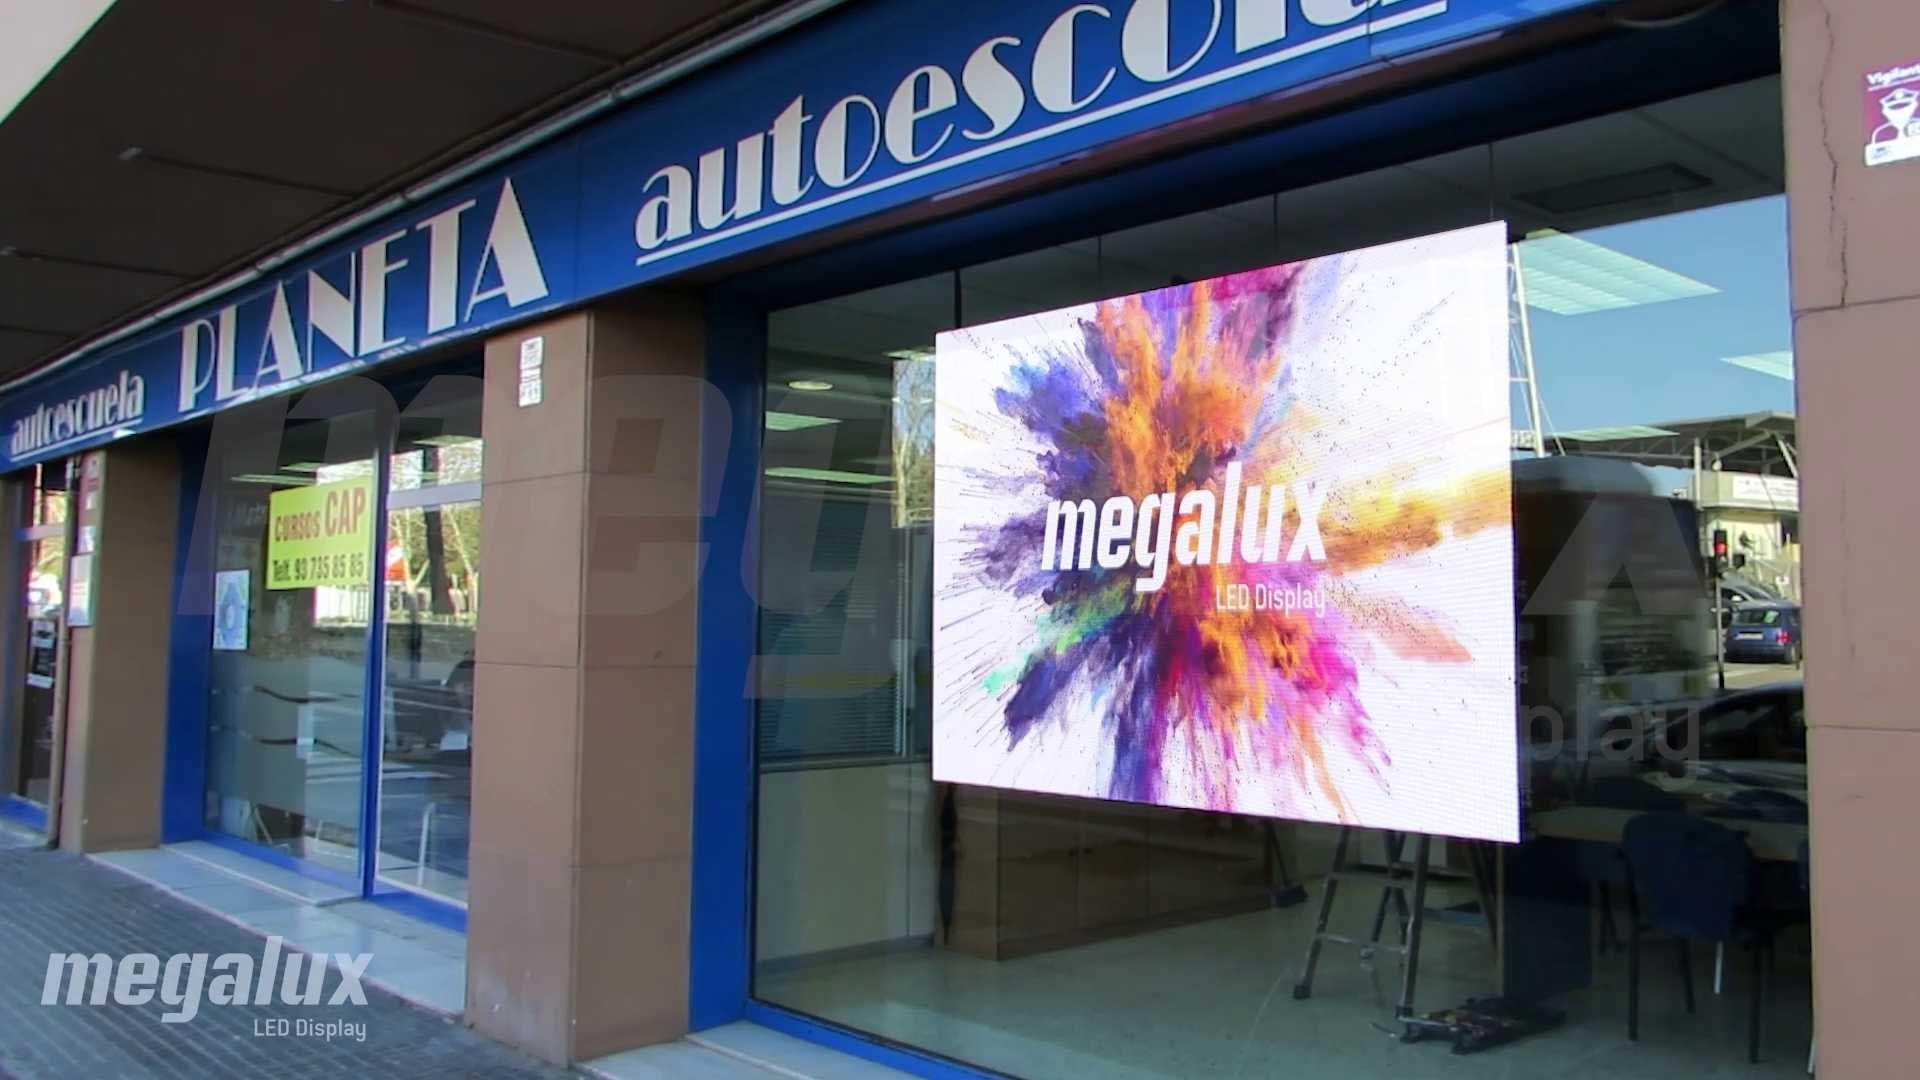 Luce otra gran pantalla publicitaria LED Megalux en Terrassa, Barcelona